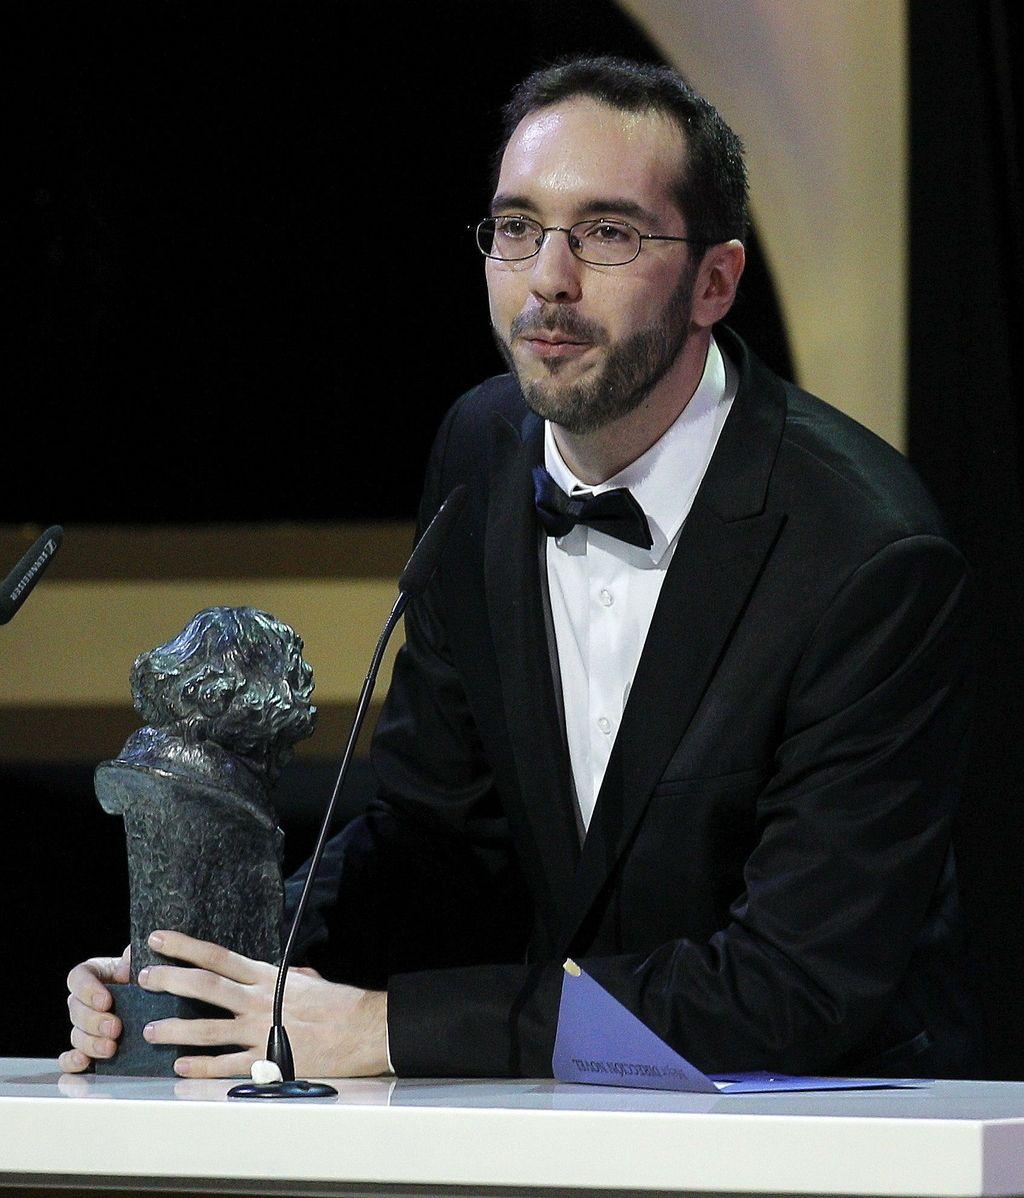 Enrique Gato recibe el Goya a la mejor dirección novel, por su trabajo en Las aventuras de Tadeo Jones